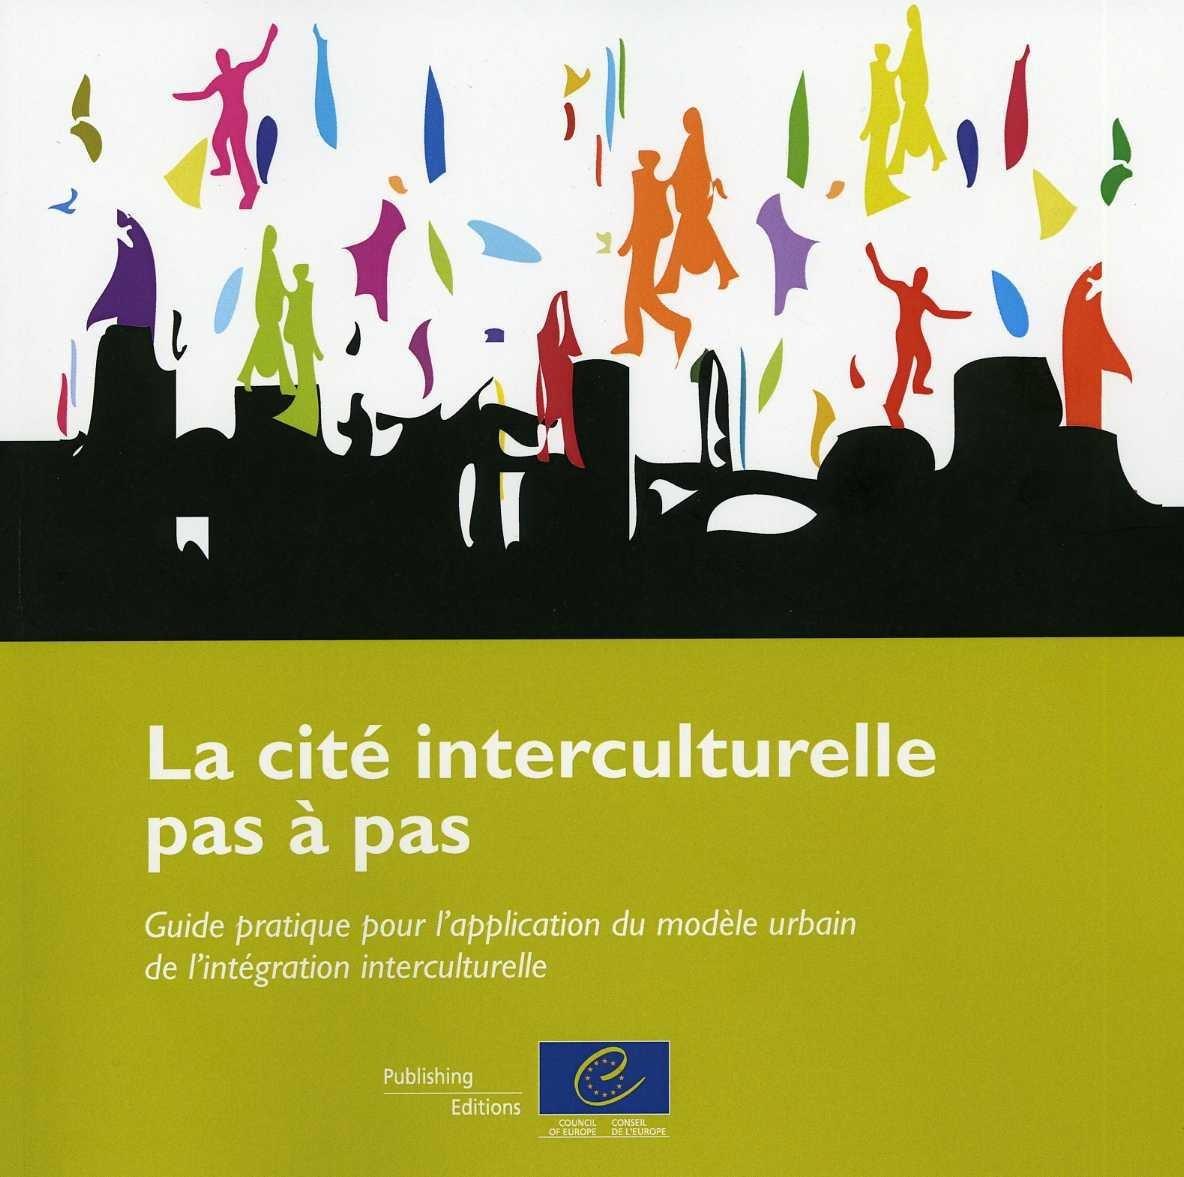 La cité interculturelle pas à pas ; guide pratique pour l'application du modèle urbain de l'intégration interculturelle